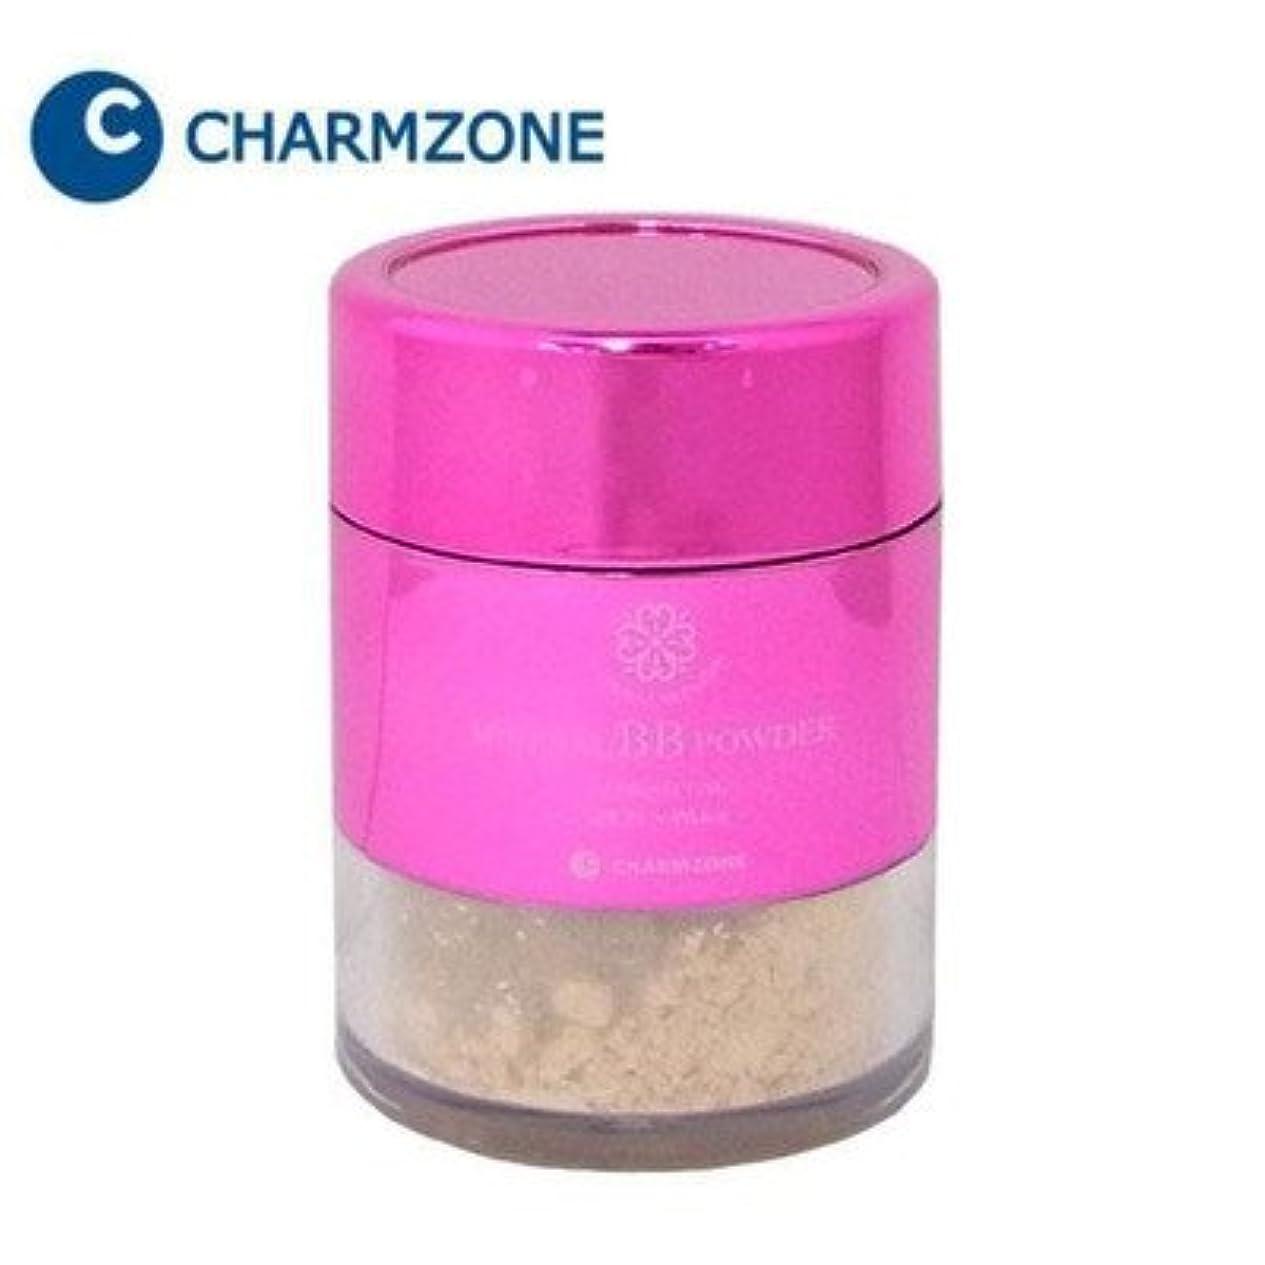 不適当住居テスピアン77種類の保湿成分配合パウダーでツヤ肌に チャームゾーン ナチュラルスキンエード ミネラルBBパウダー プレミアム 10g